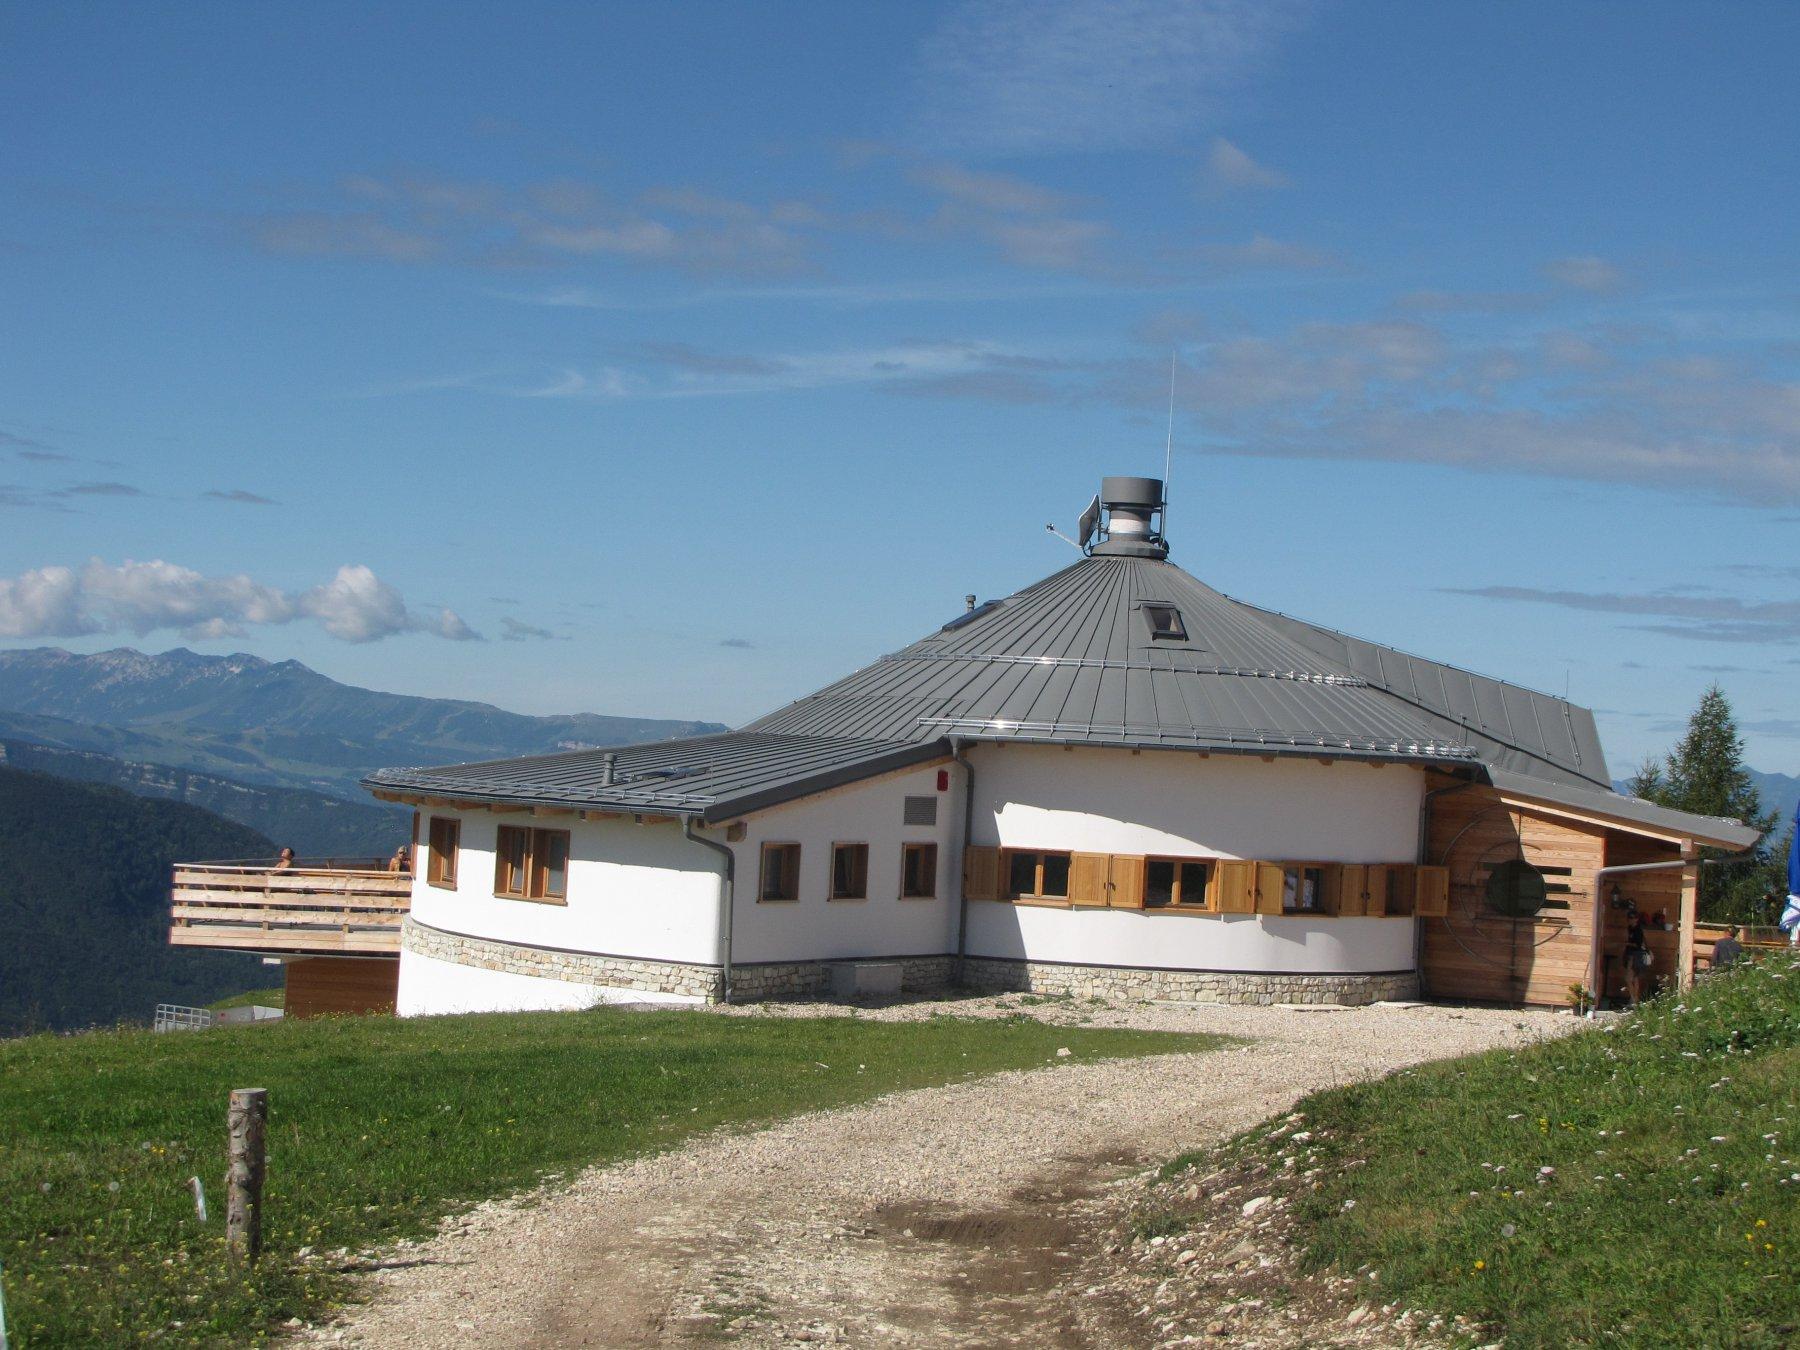 Rifugio Baita Tonda (1604 m)